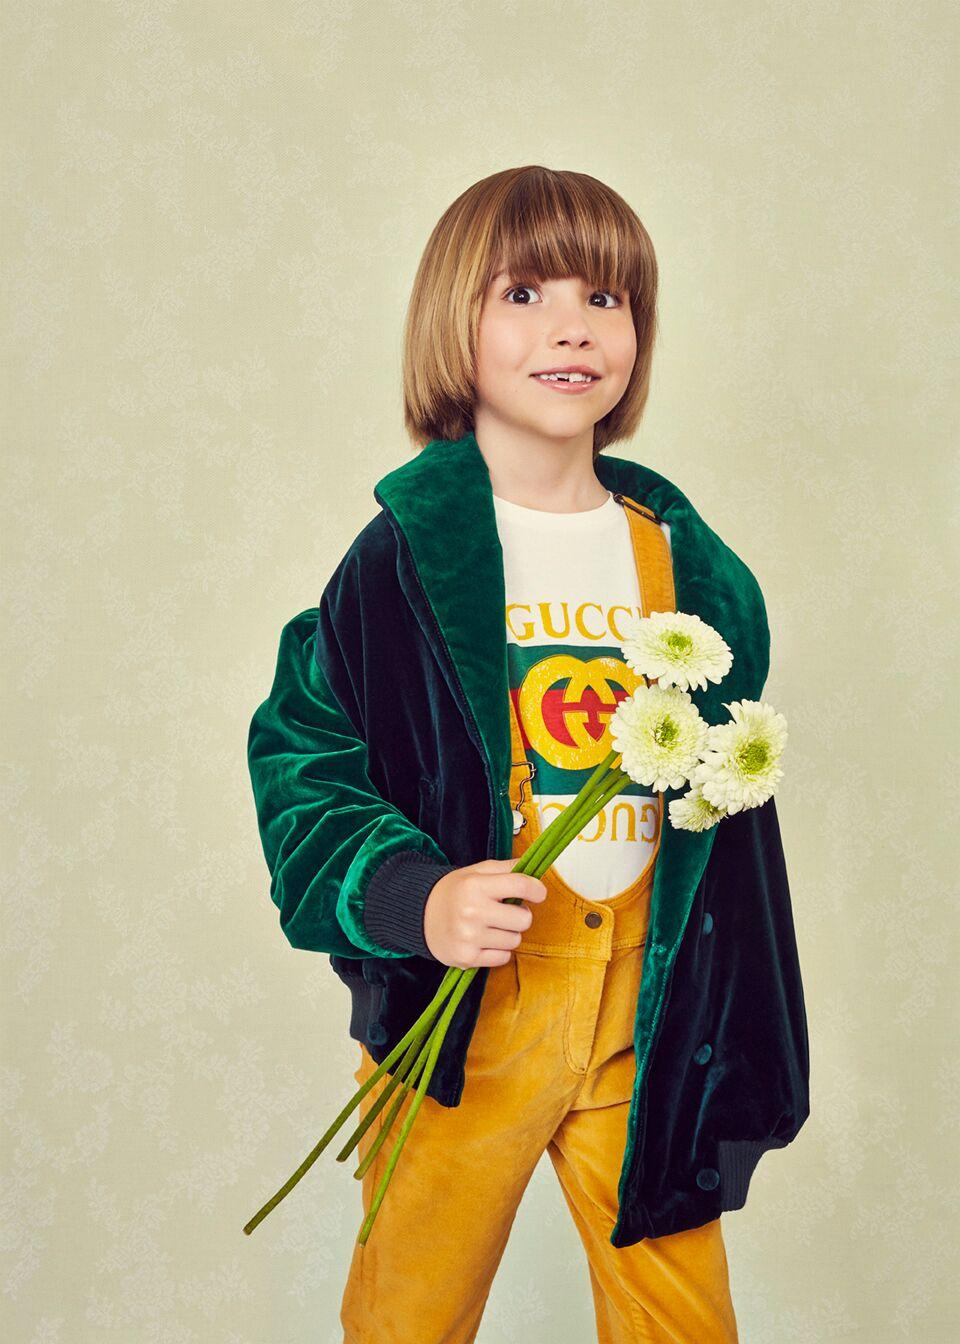 PARTY WEIRDO kids fashion editorial